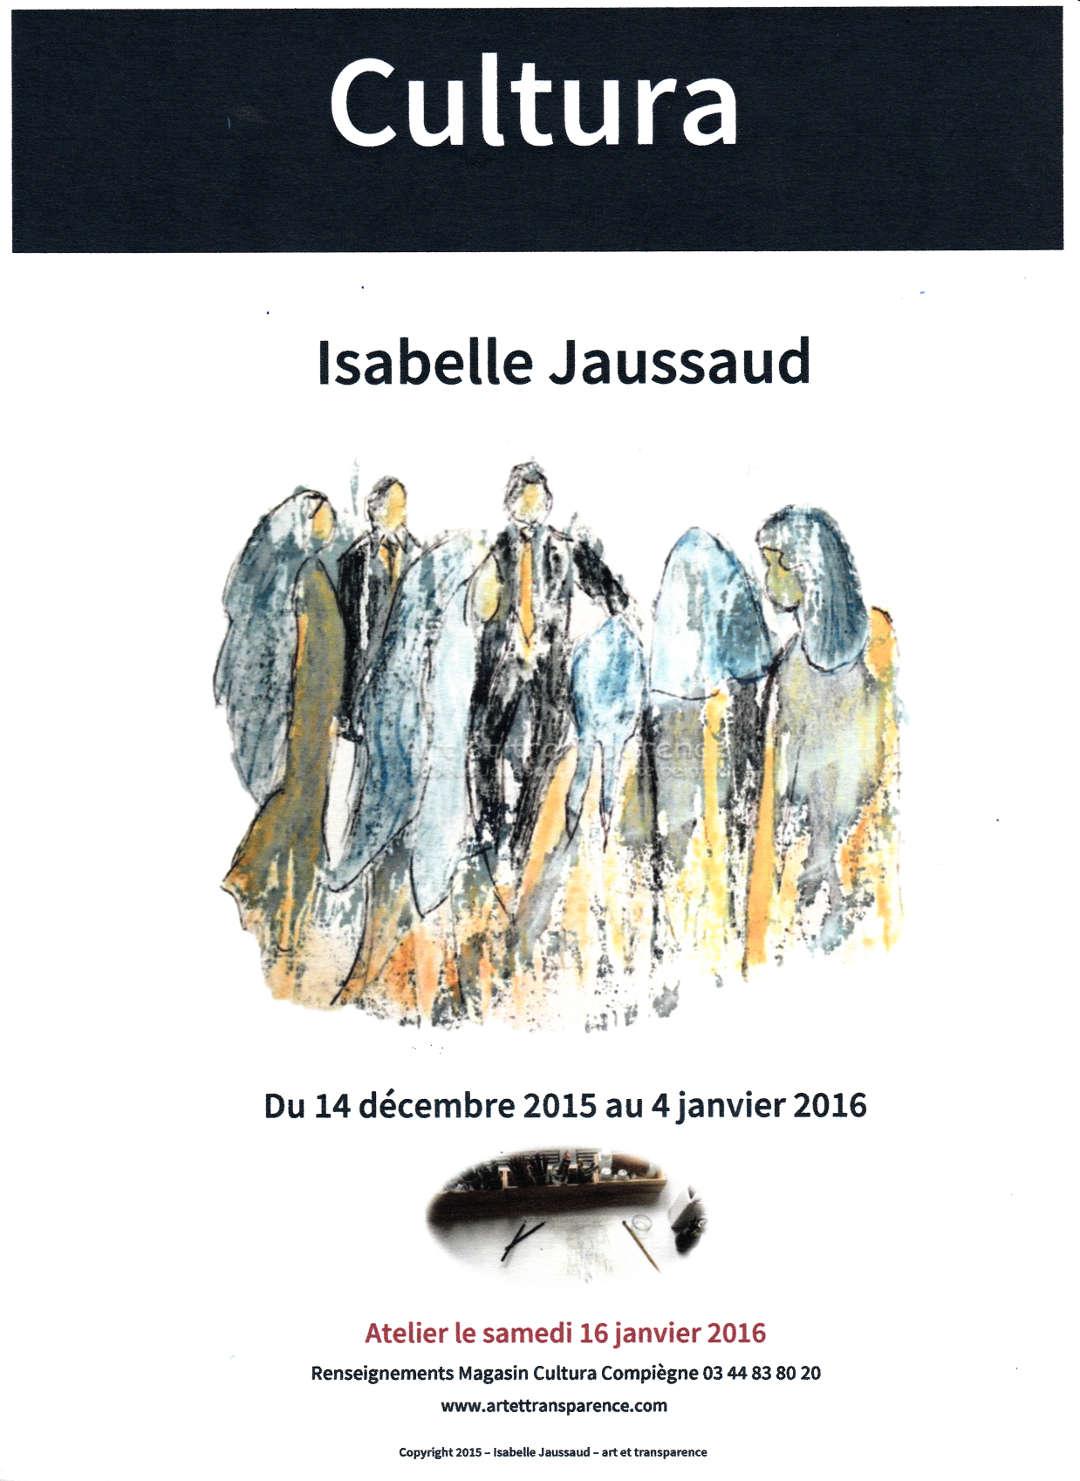 Exposition Cultura Compiègne décembre 2015